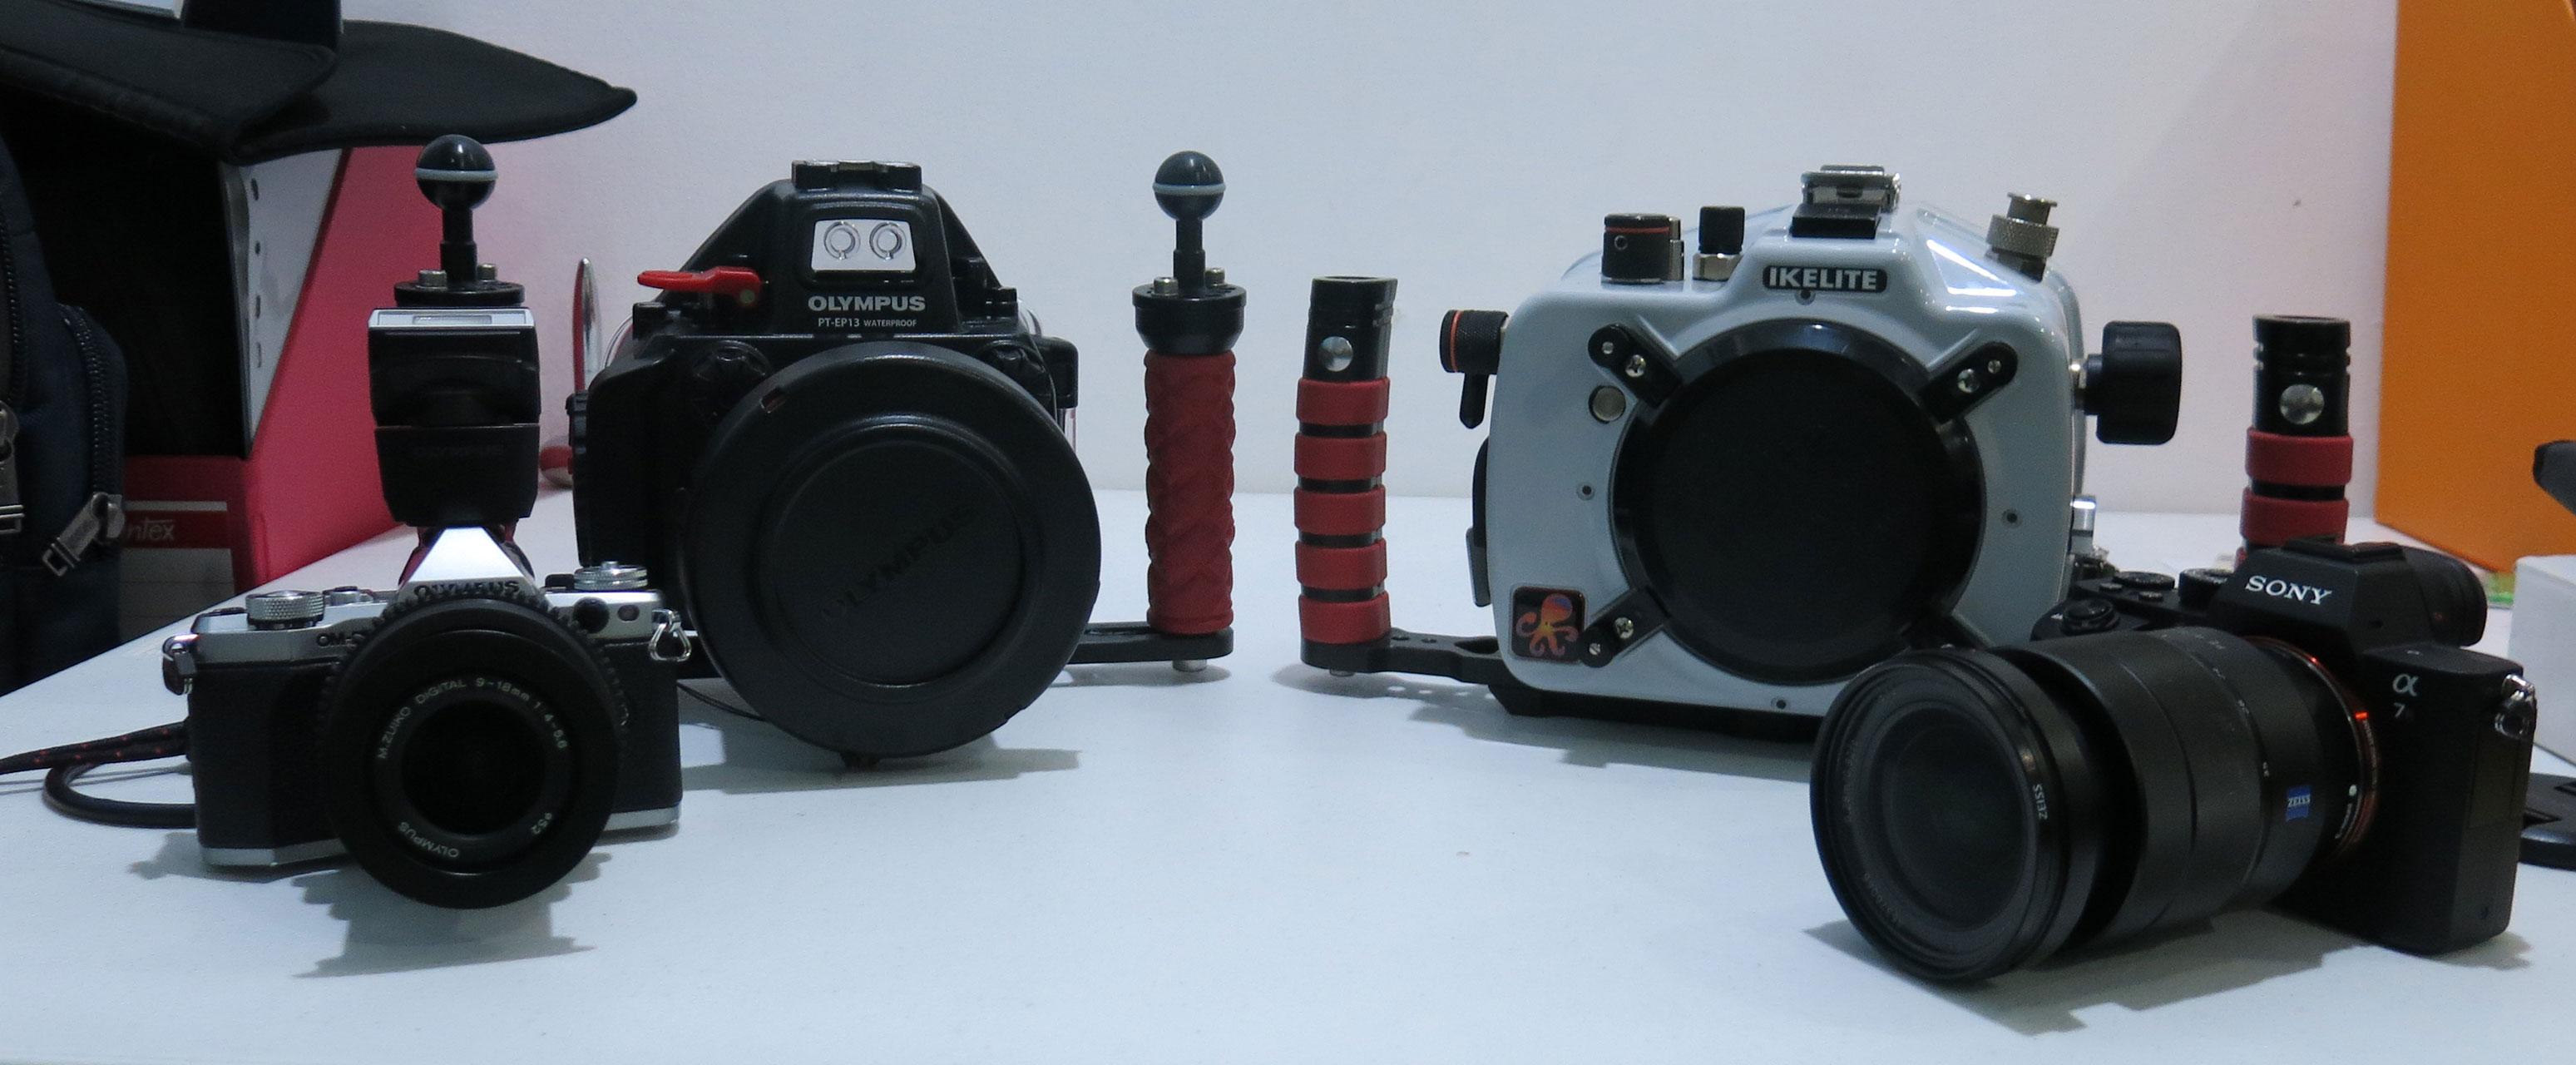 memilih peralatan untuk fotografi underwater 4 1 - Memilih Peralatan untuk Fotografi Underwater